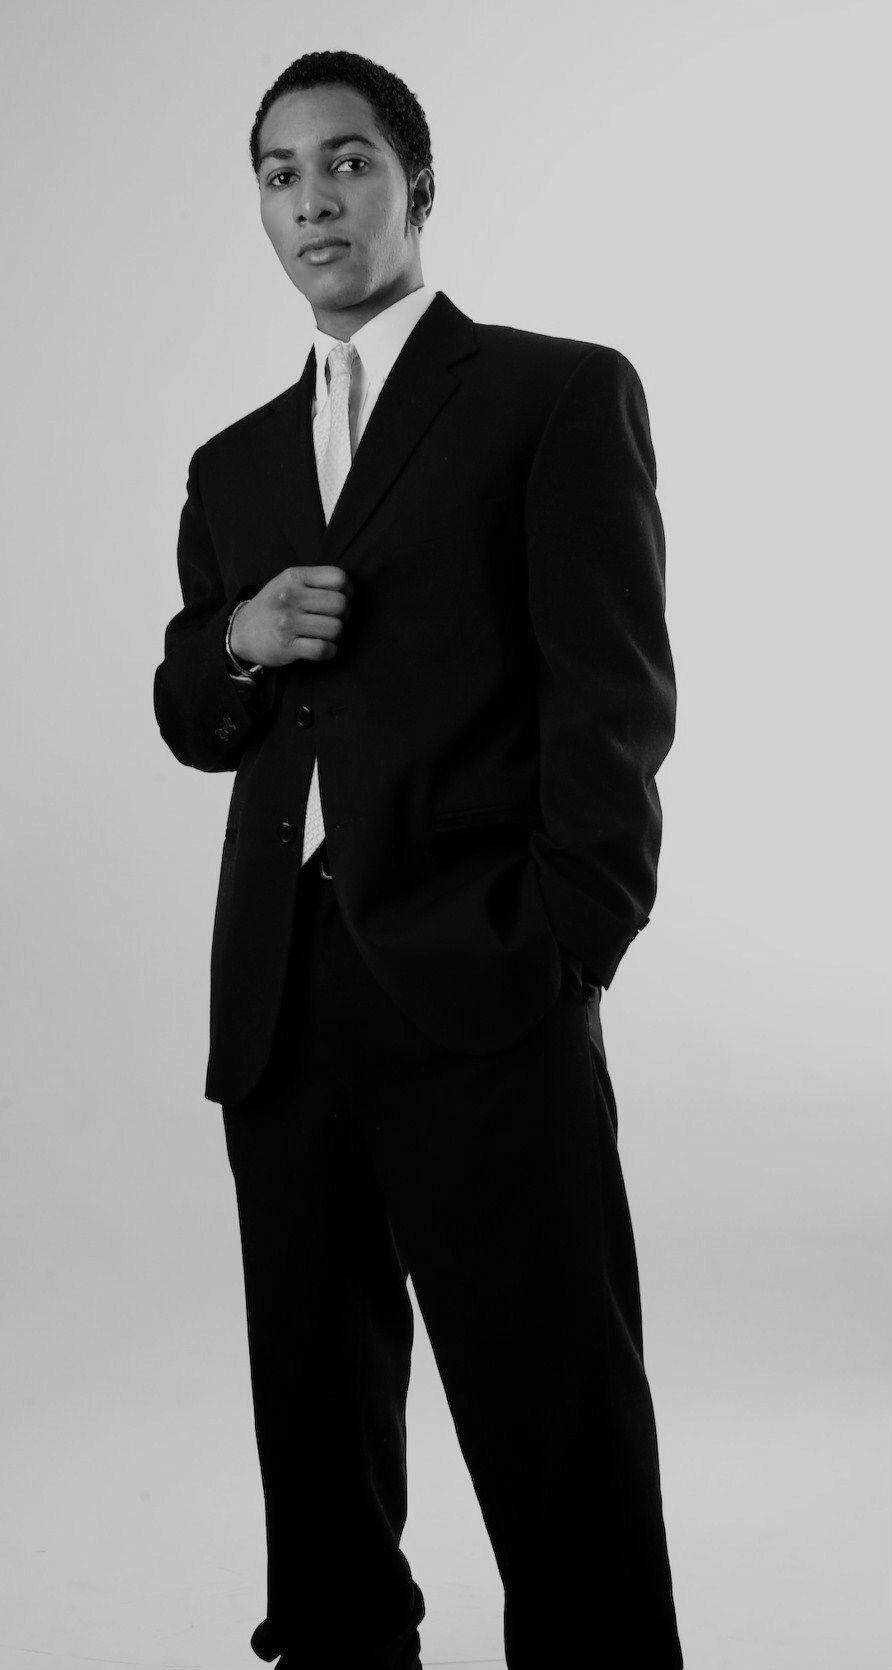 Suit Pose.jpg